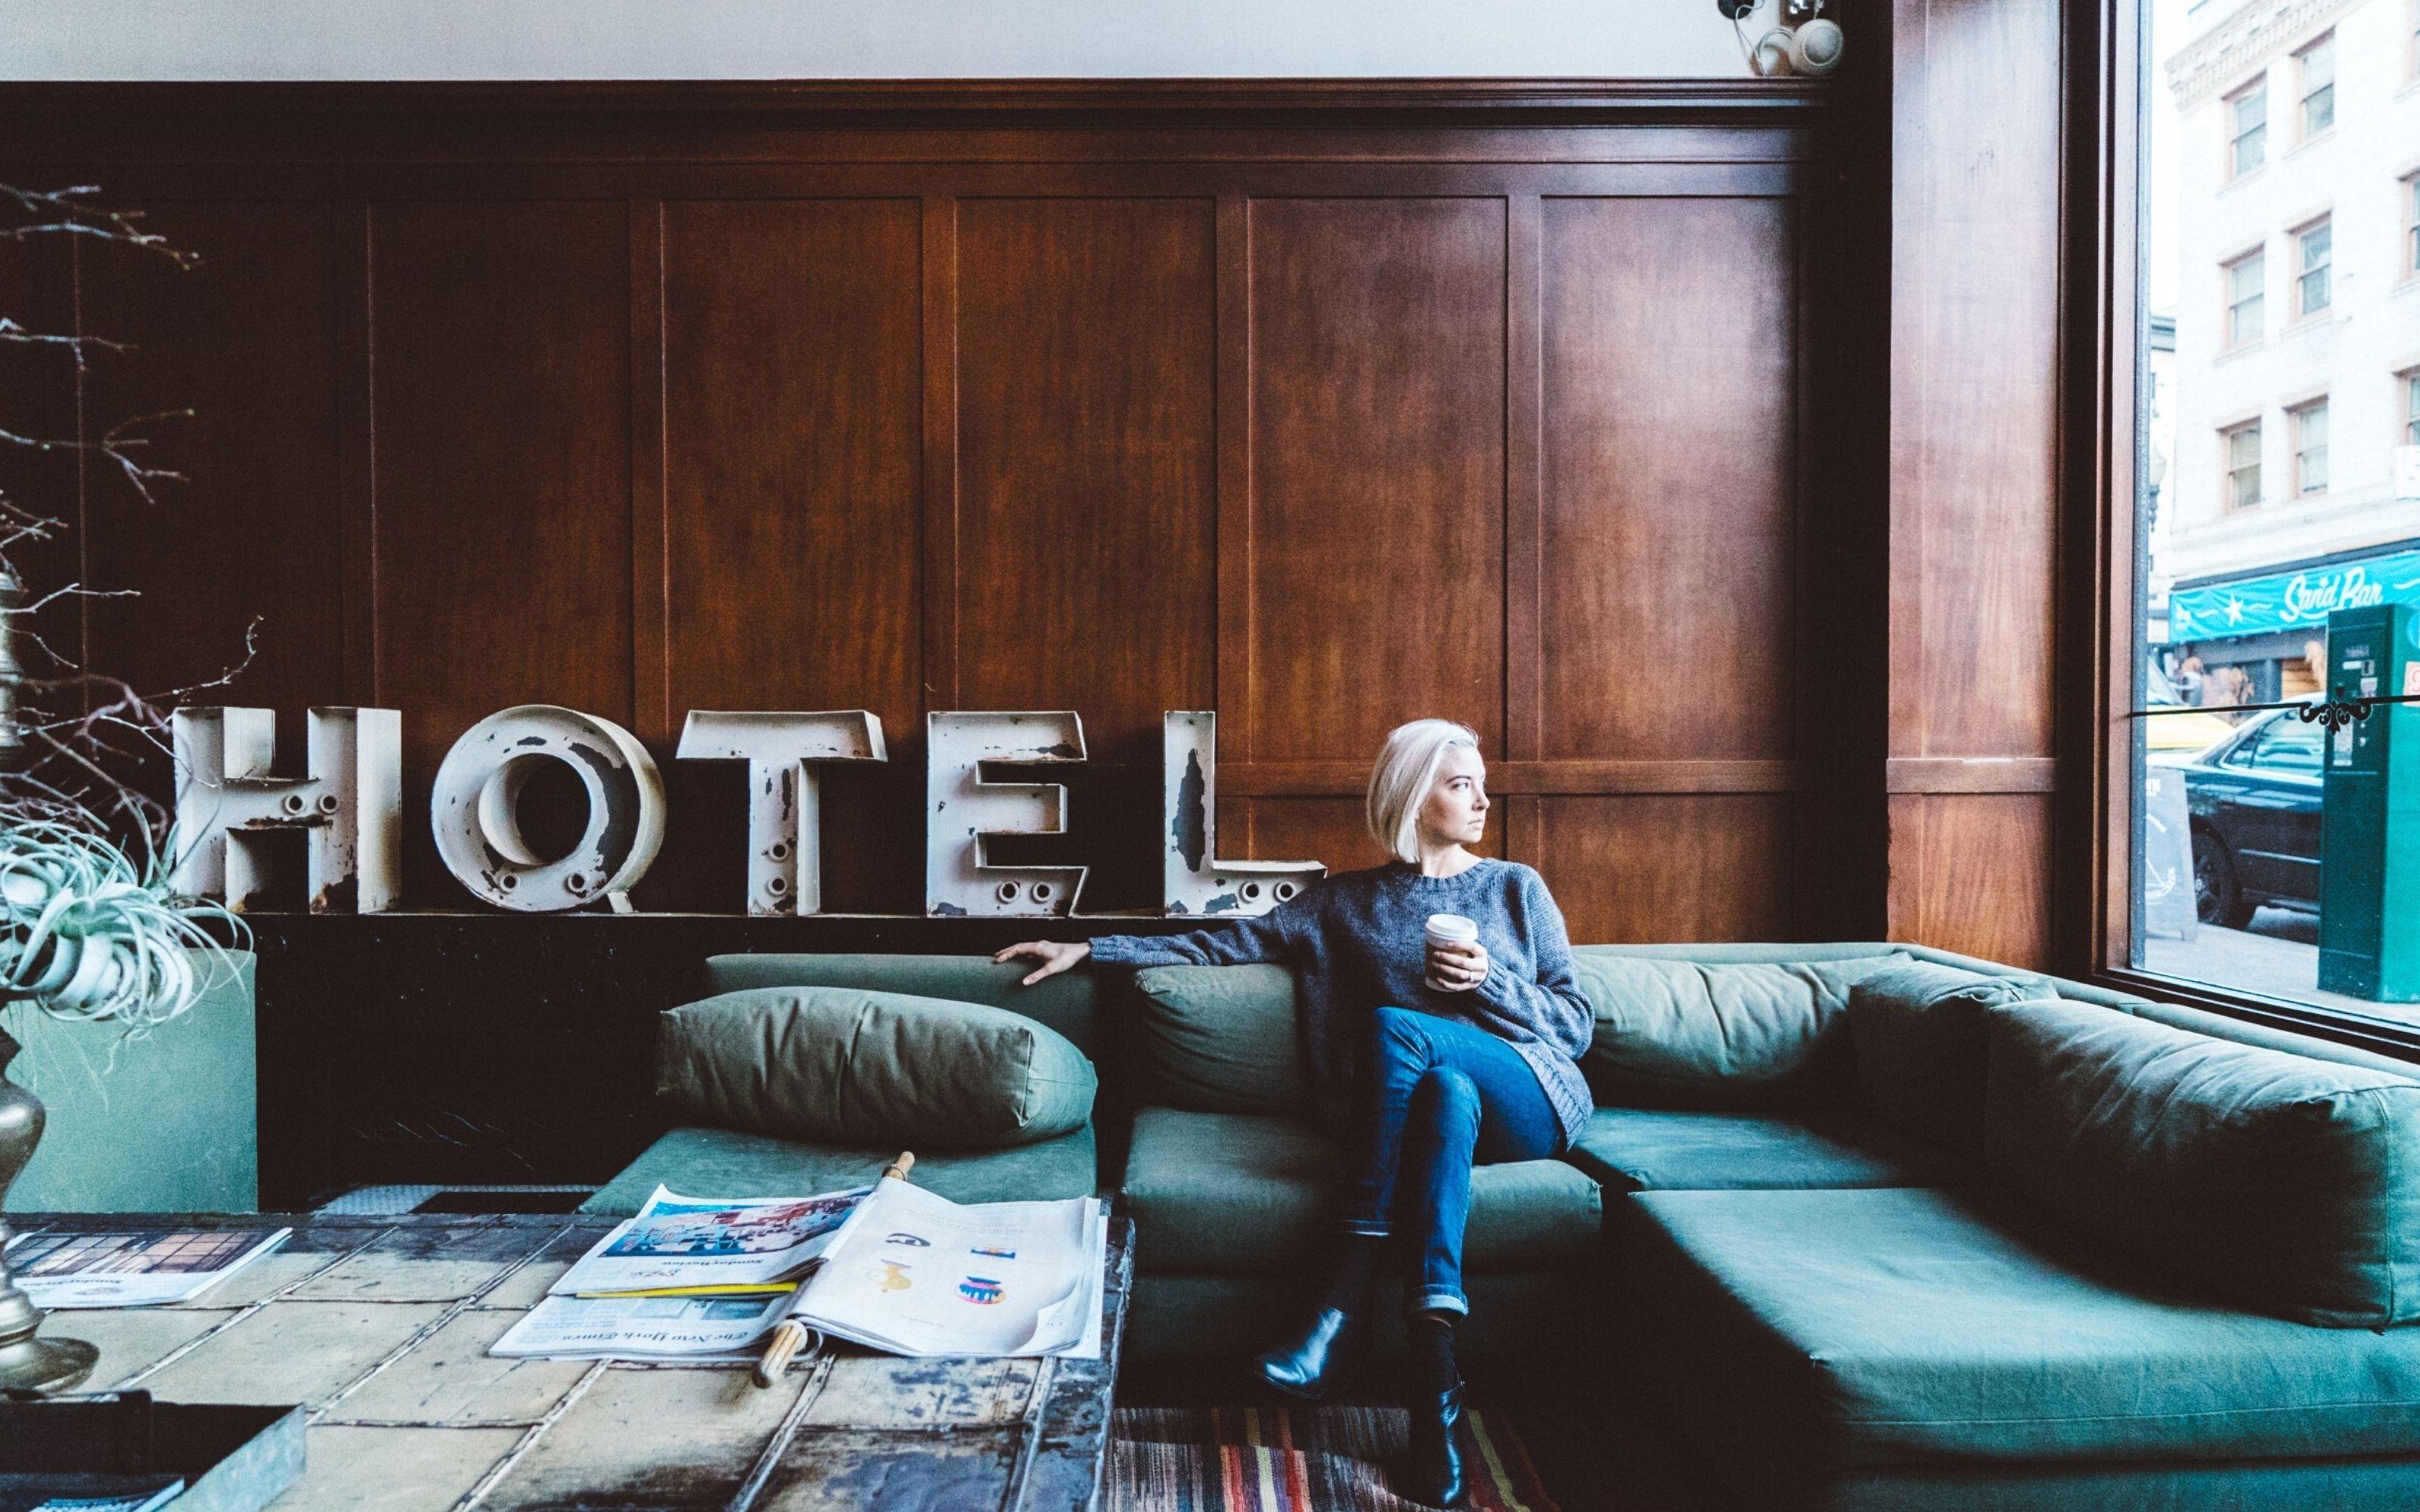 kbis-hotel